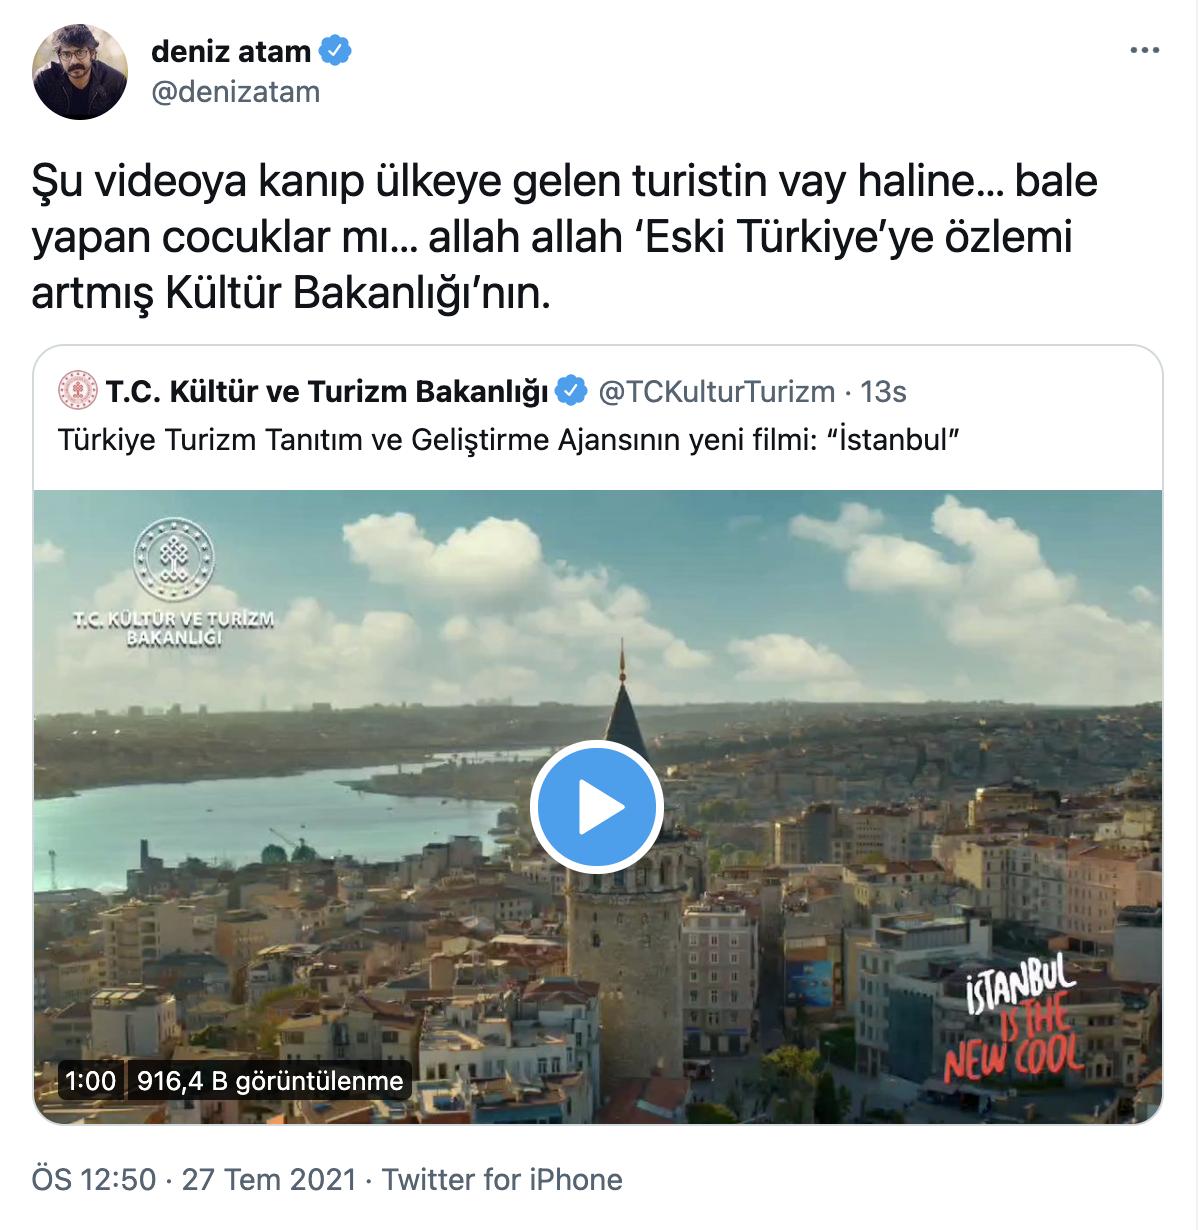 Turizm Bakanlığı'nın 'İstanbul' filmine tepki: Linçledikleri yaşam tarzıyla turistlere reklam yapıyorlar - Sayfa 4